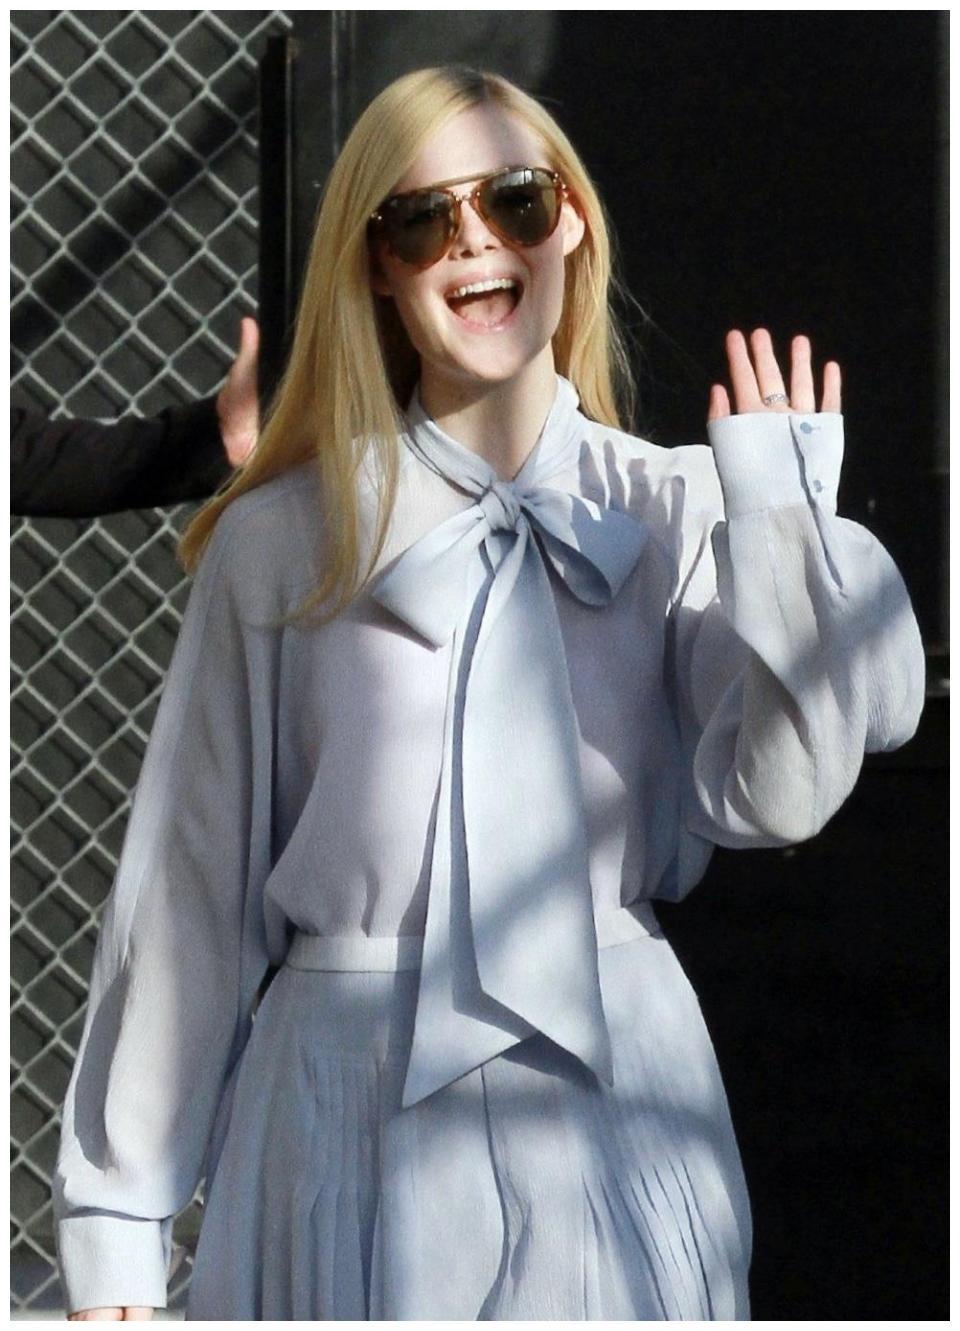 艾丽范宁现身街头,穿雪纺长裙配长靴,网友:不愧是21岁的少女